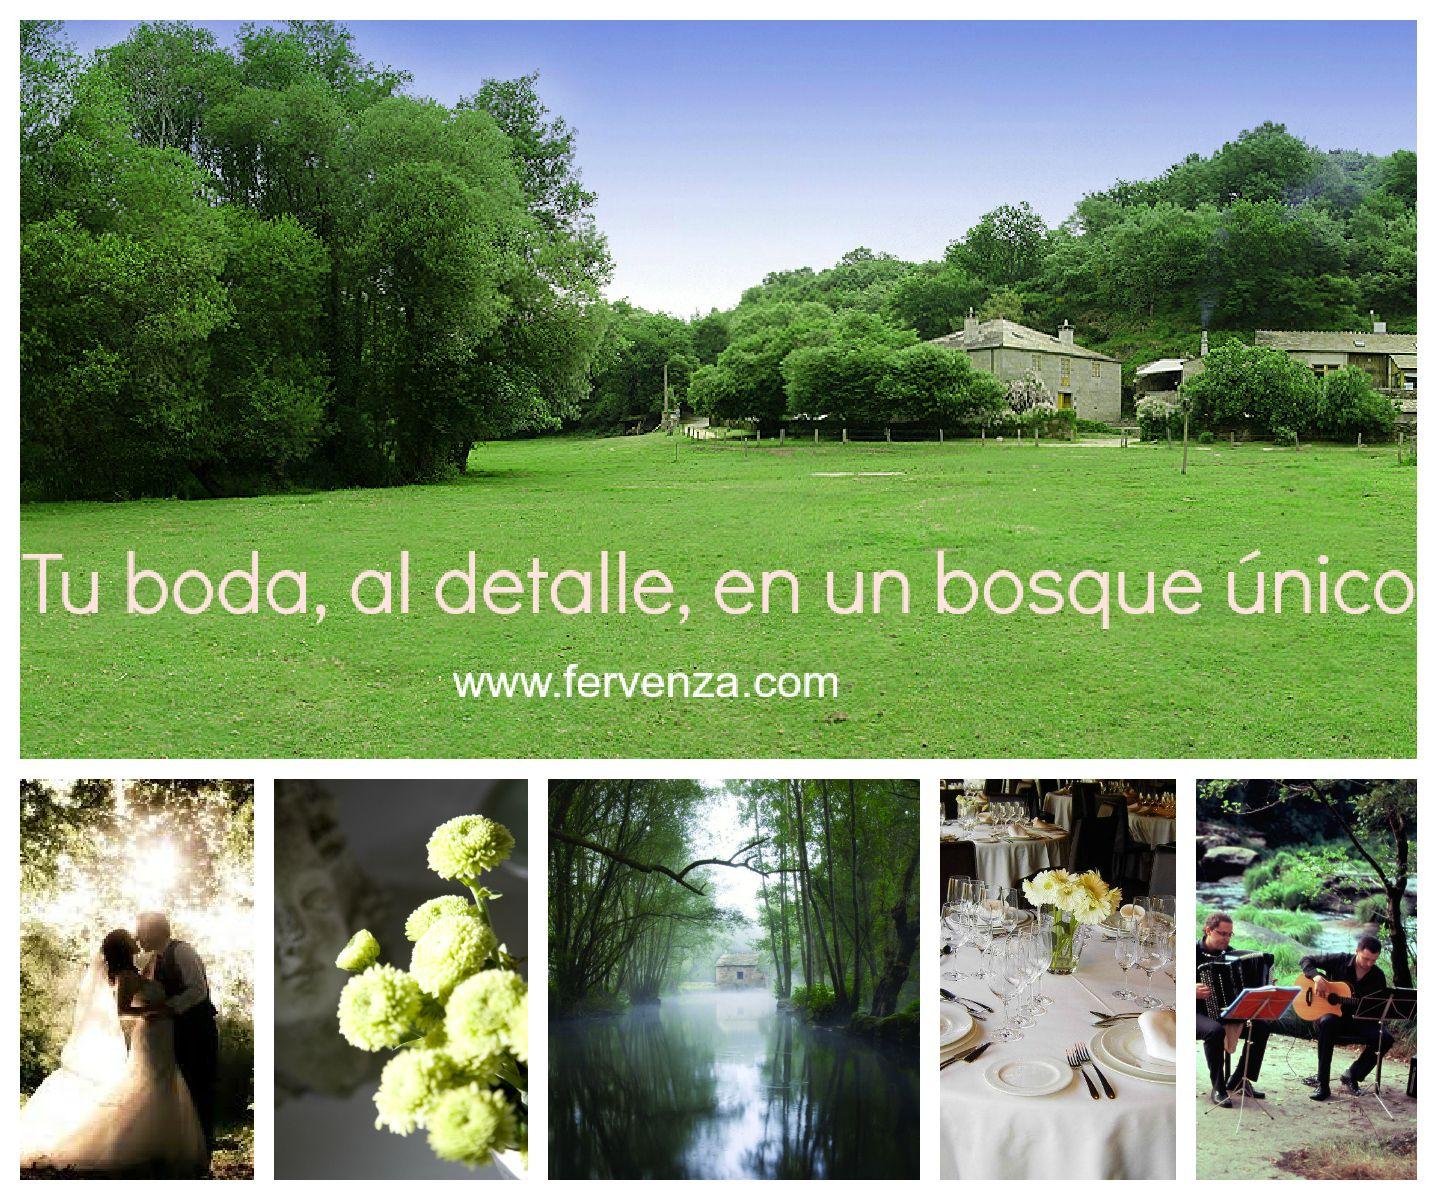 Tu boda en el Bosque da Fervenza de Lugo (Galicia). #bodalugo #restaurantelugo fervenza.com